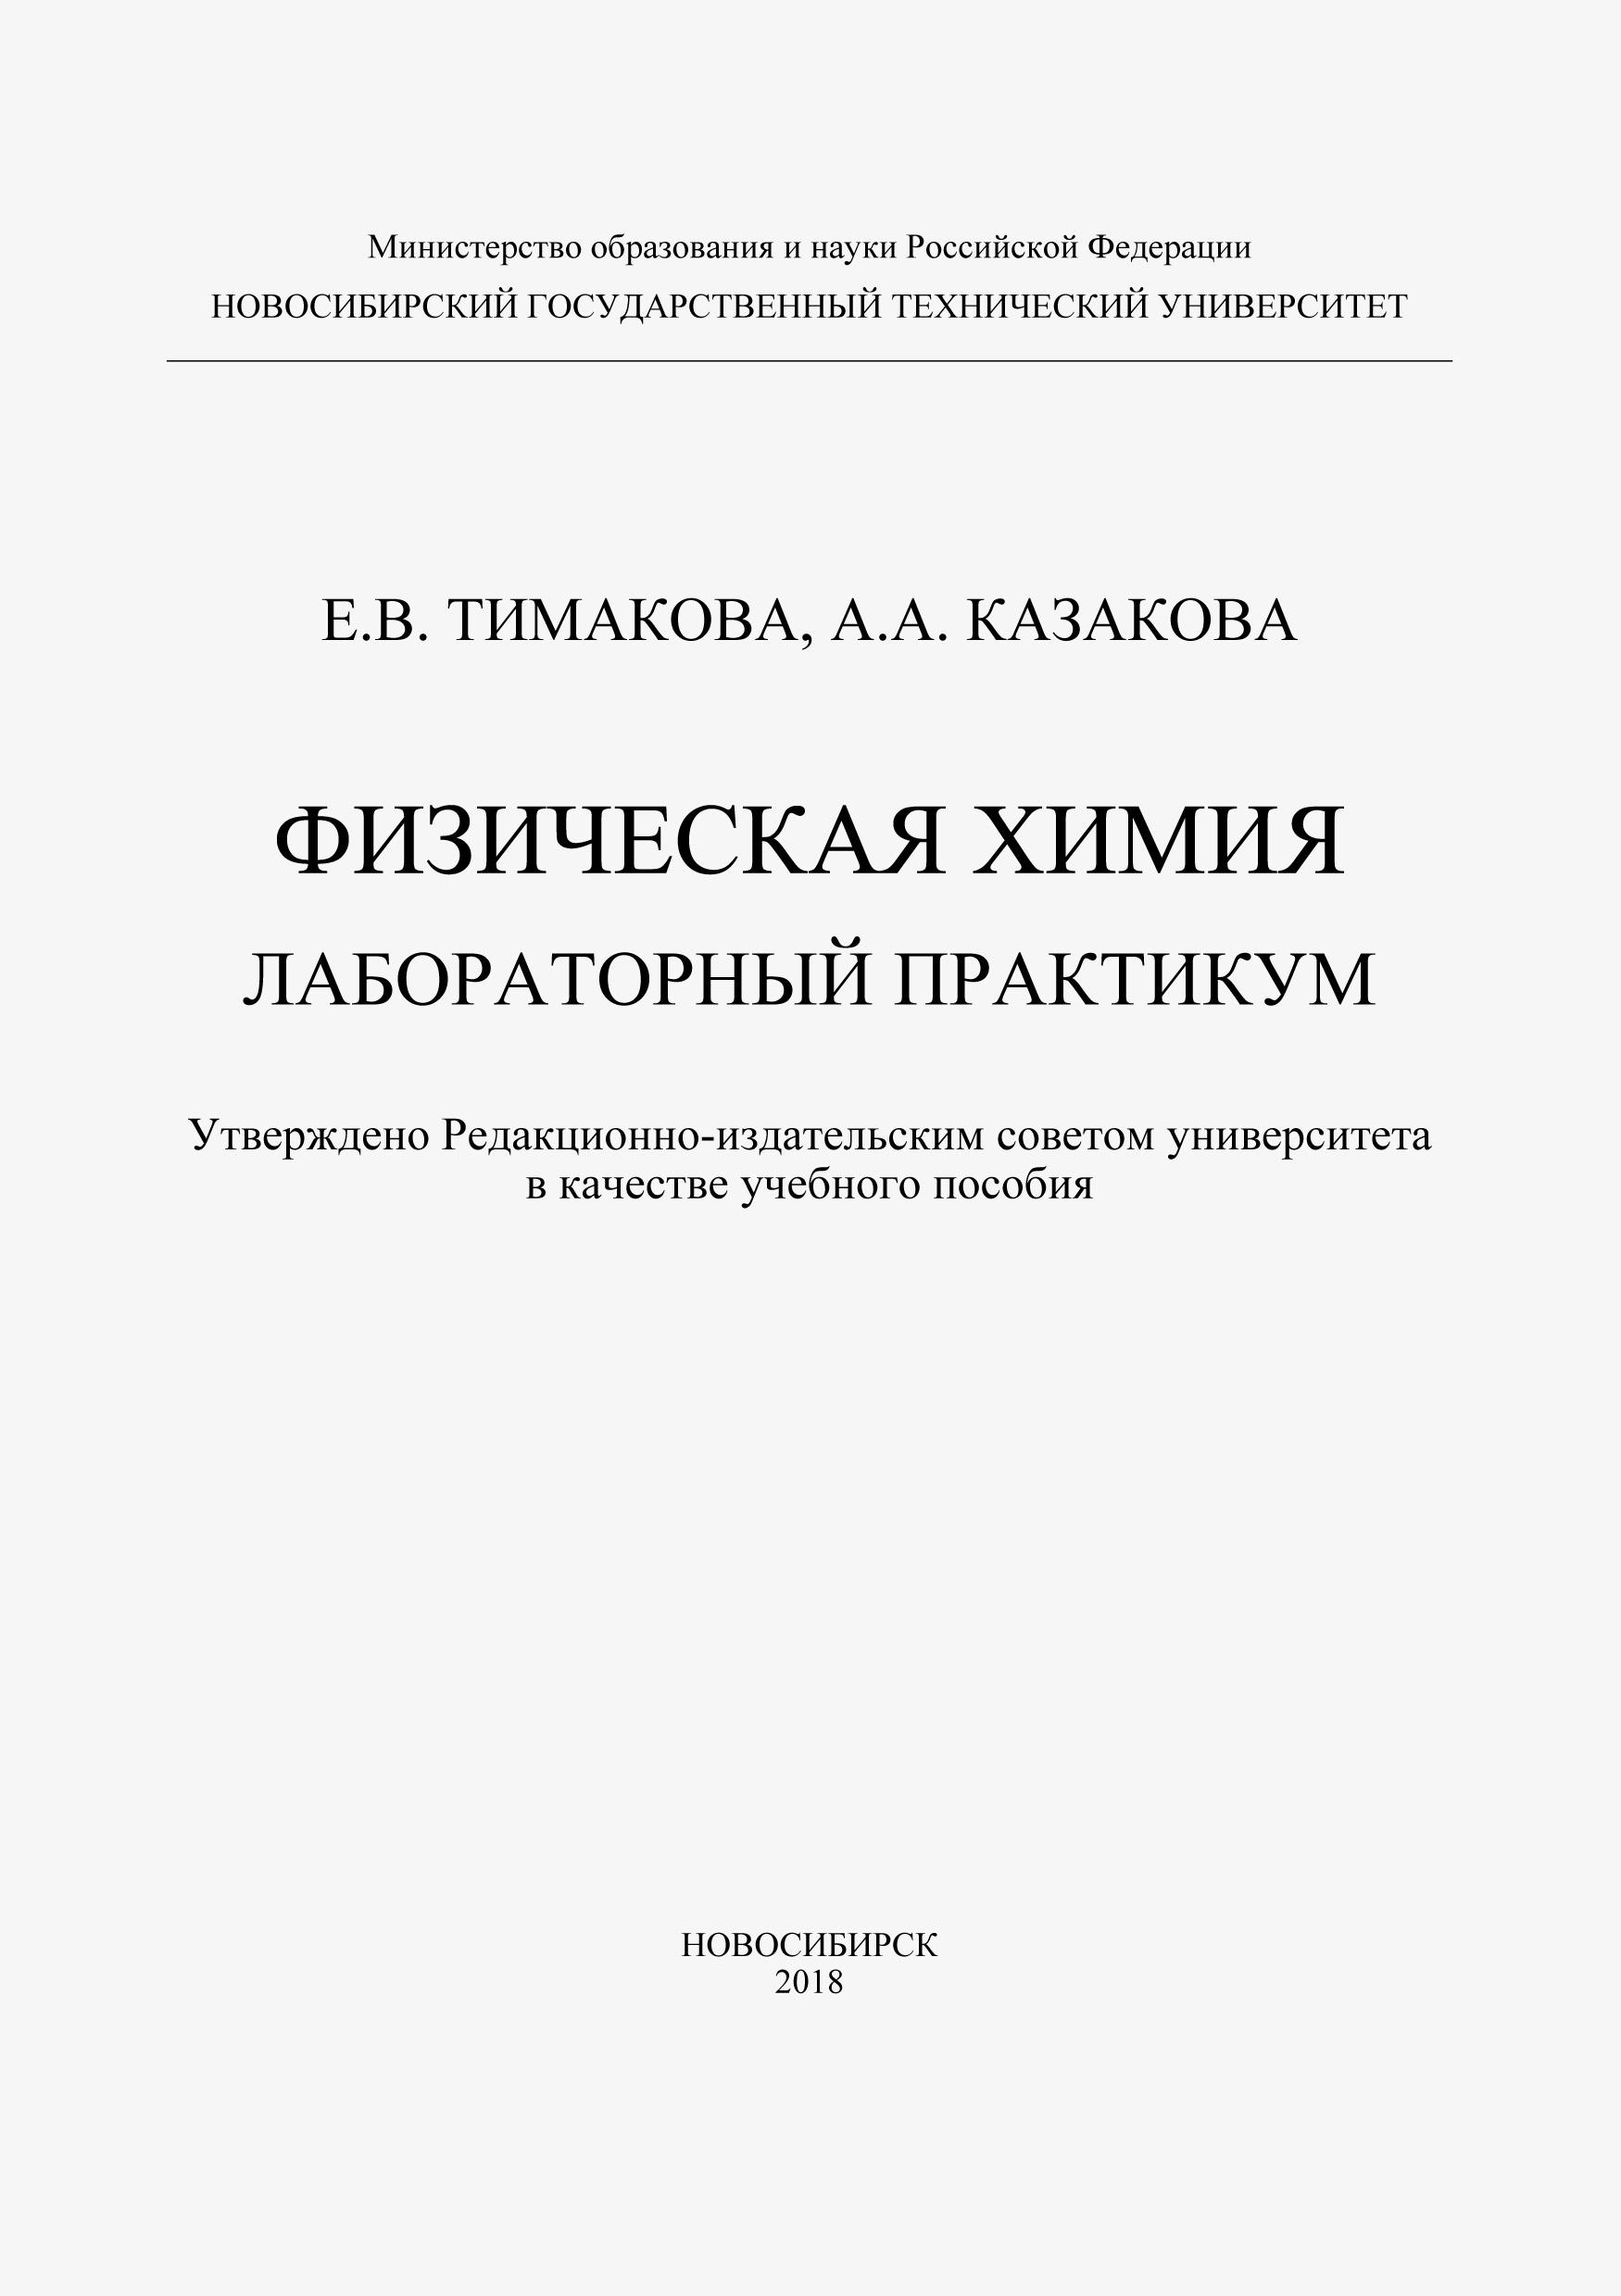 Купить книгу Физическая химия. Лабораторный практикум, автора А. А. Казаковой